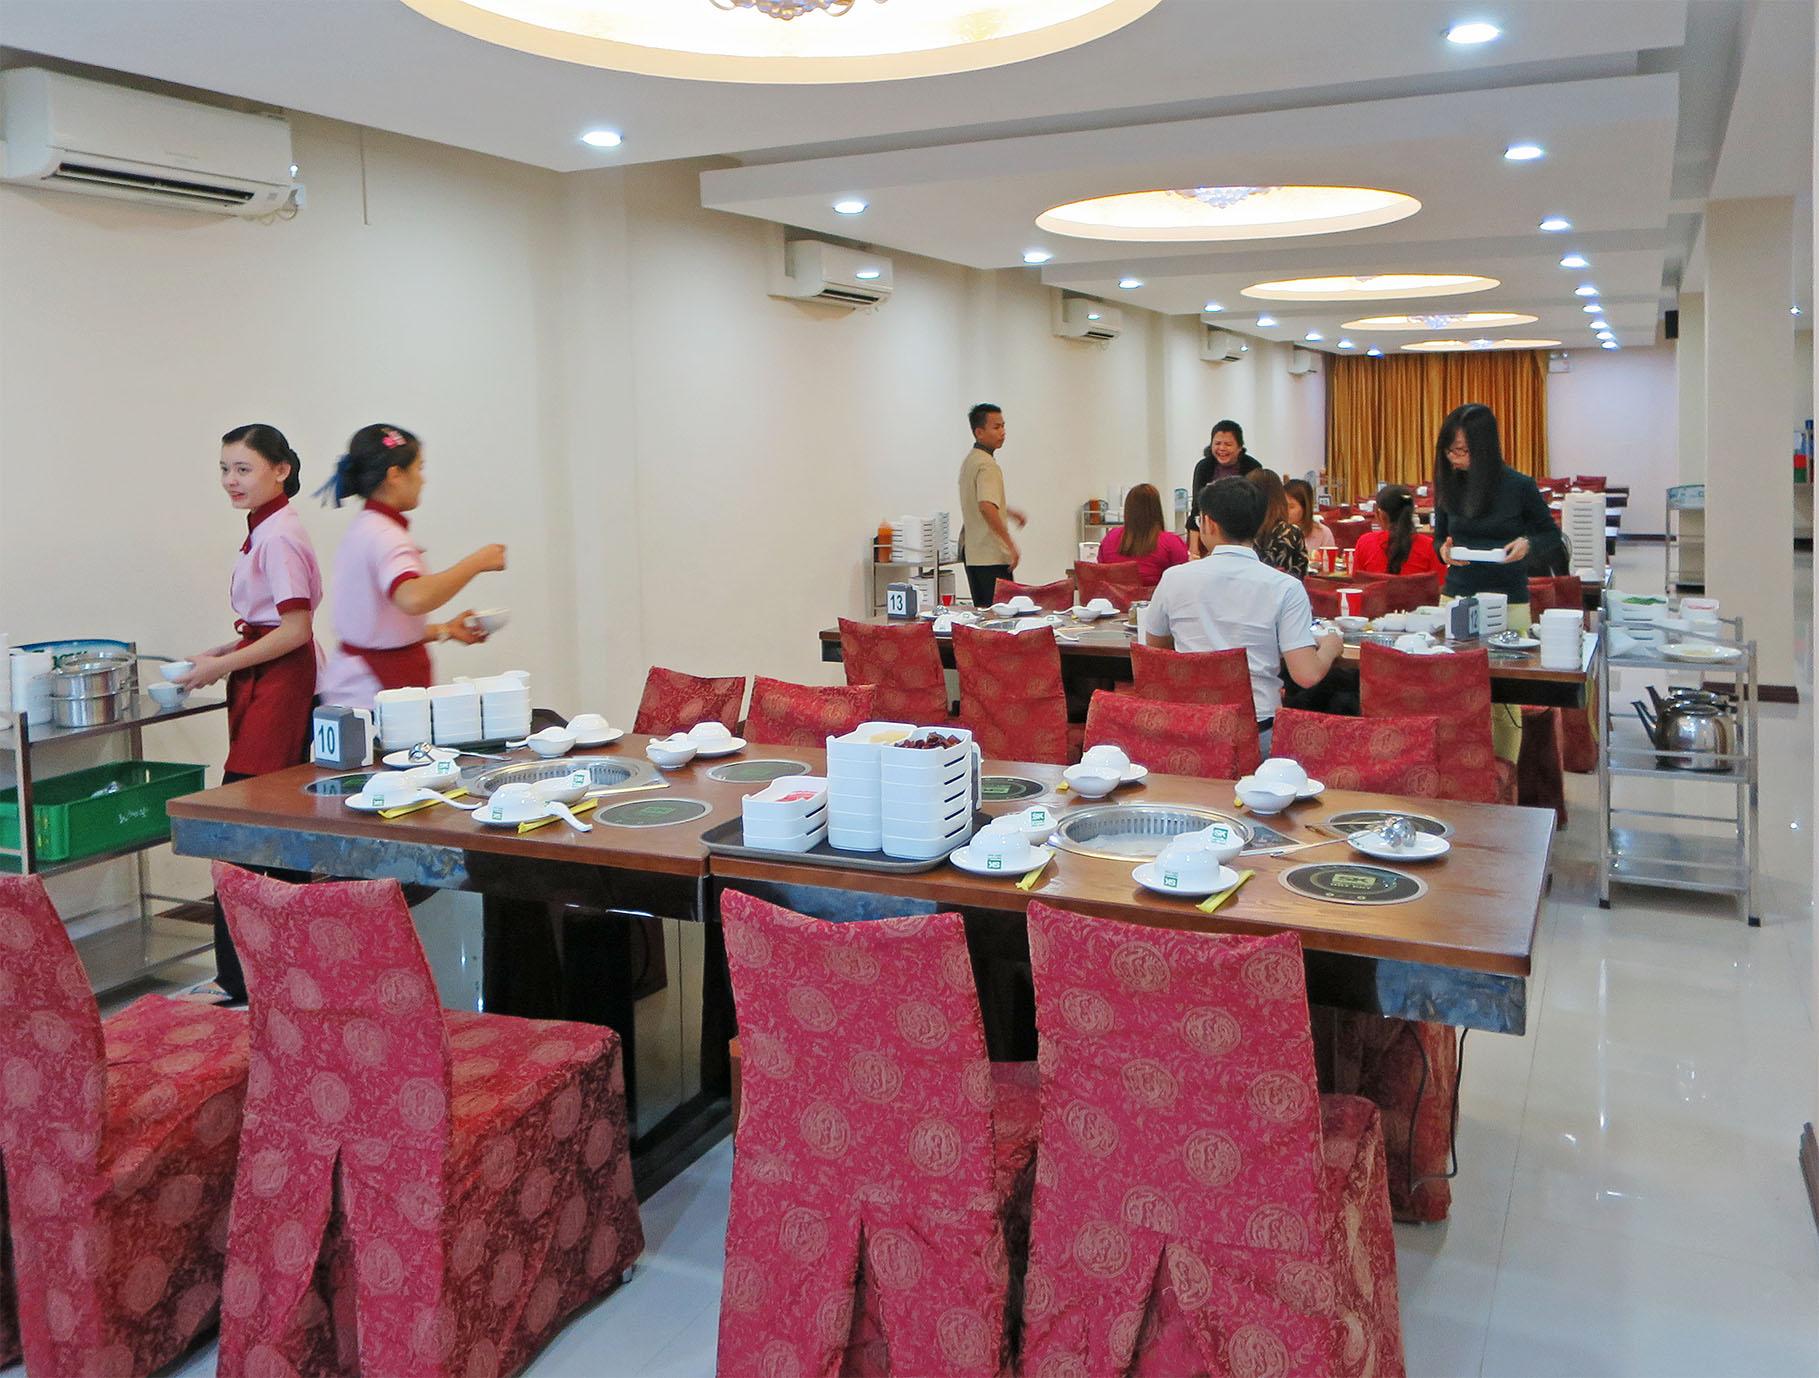 Shwe Kaung (Yankin Brunch) 住所:8, 16-Block, Moe Kaung Rd., Yankin Tsp. 電話:01-553959 営業時間:10:00~21:30